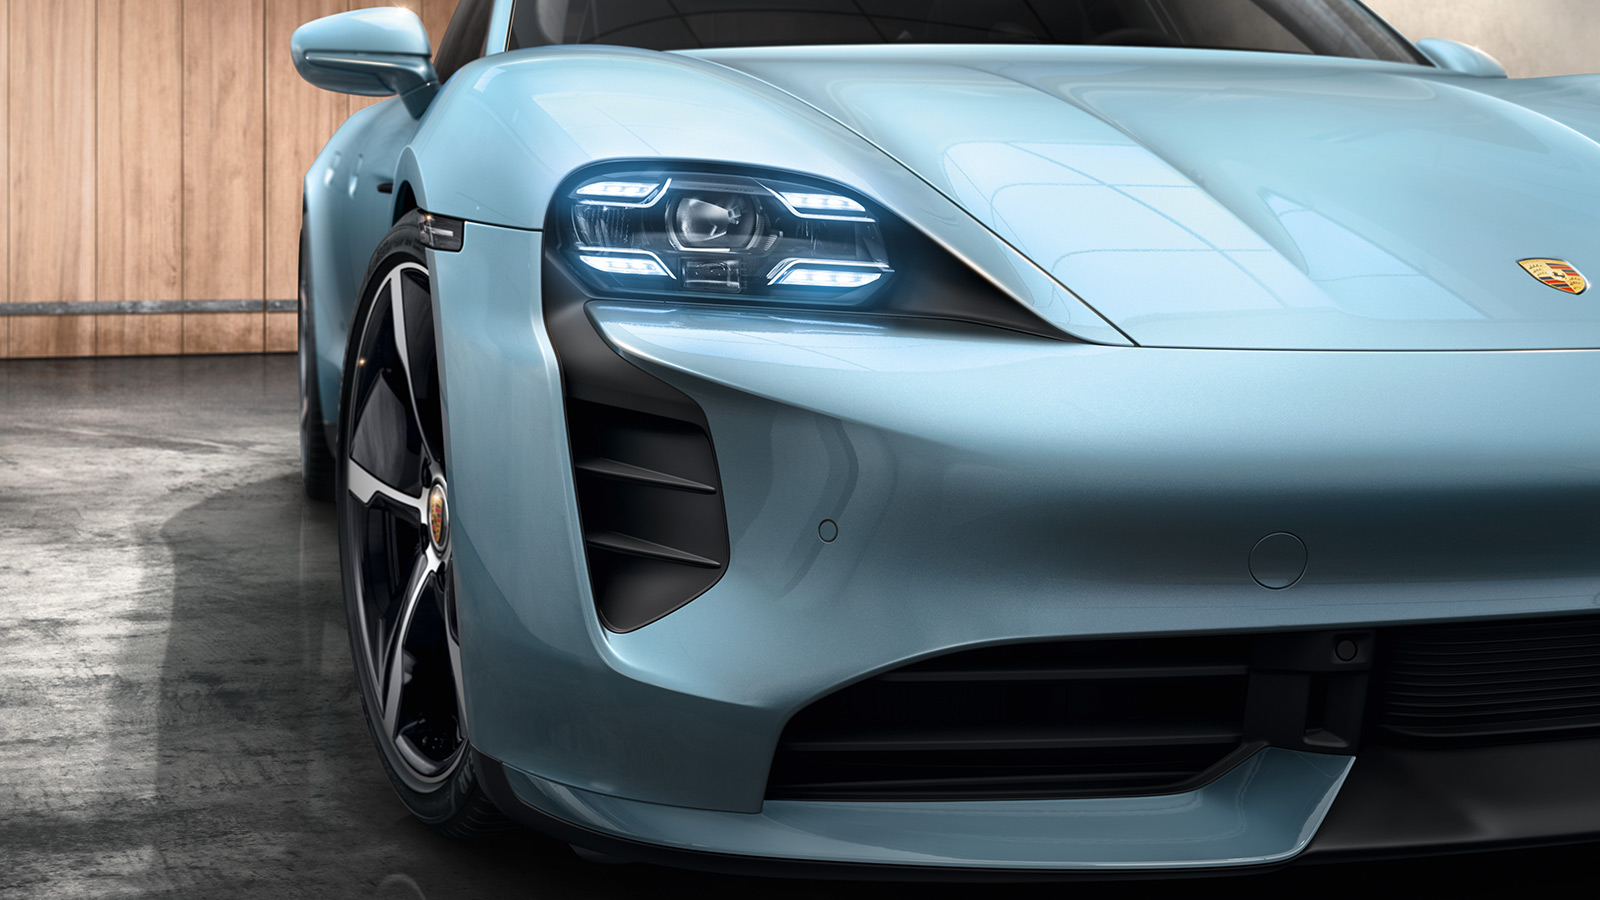 Porsche - Faros delanteros y luces traseras